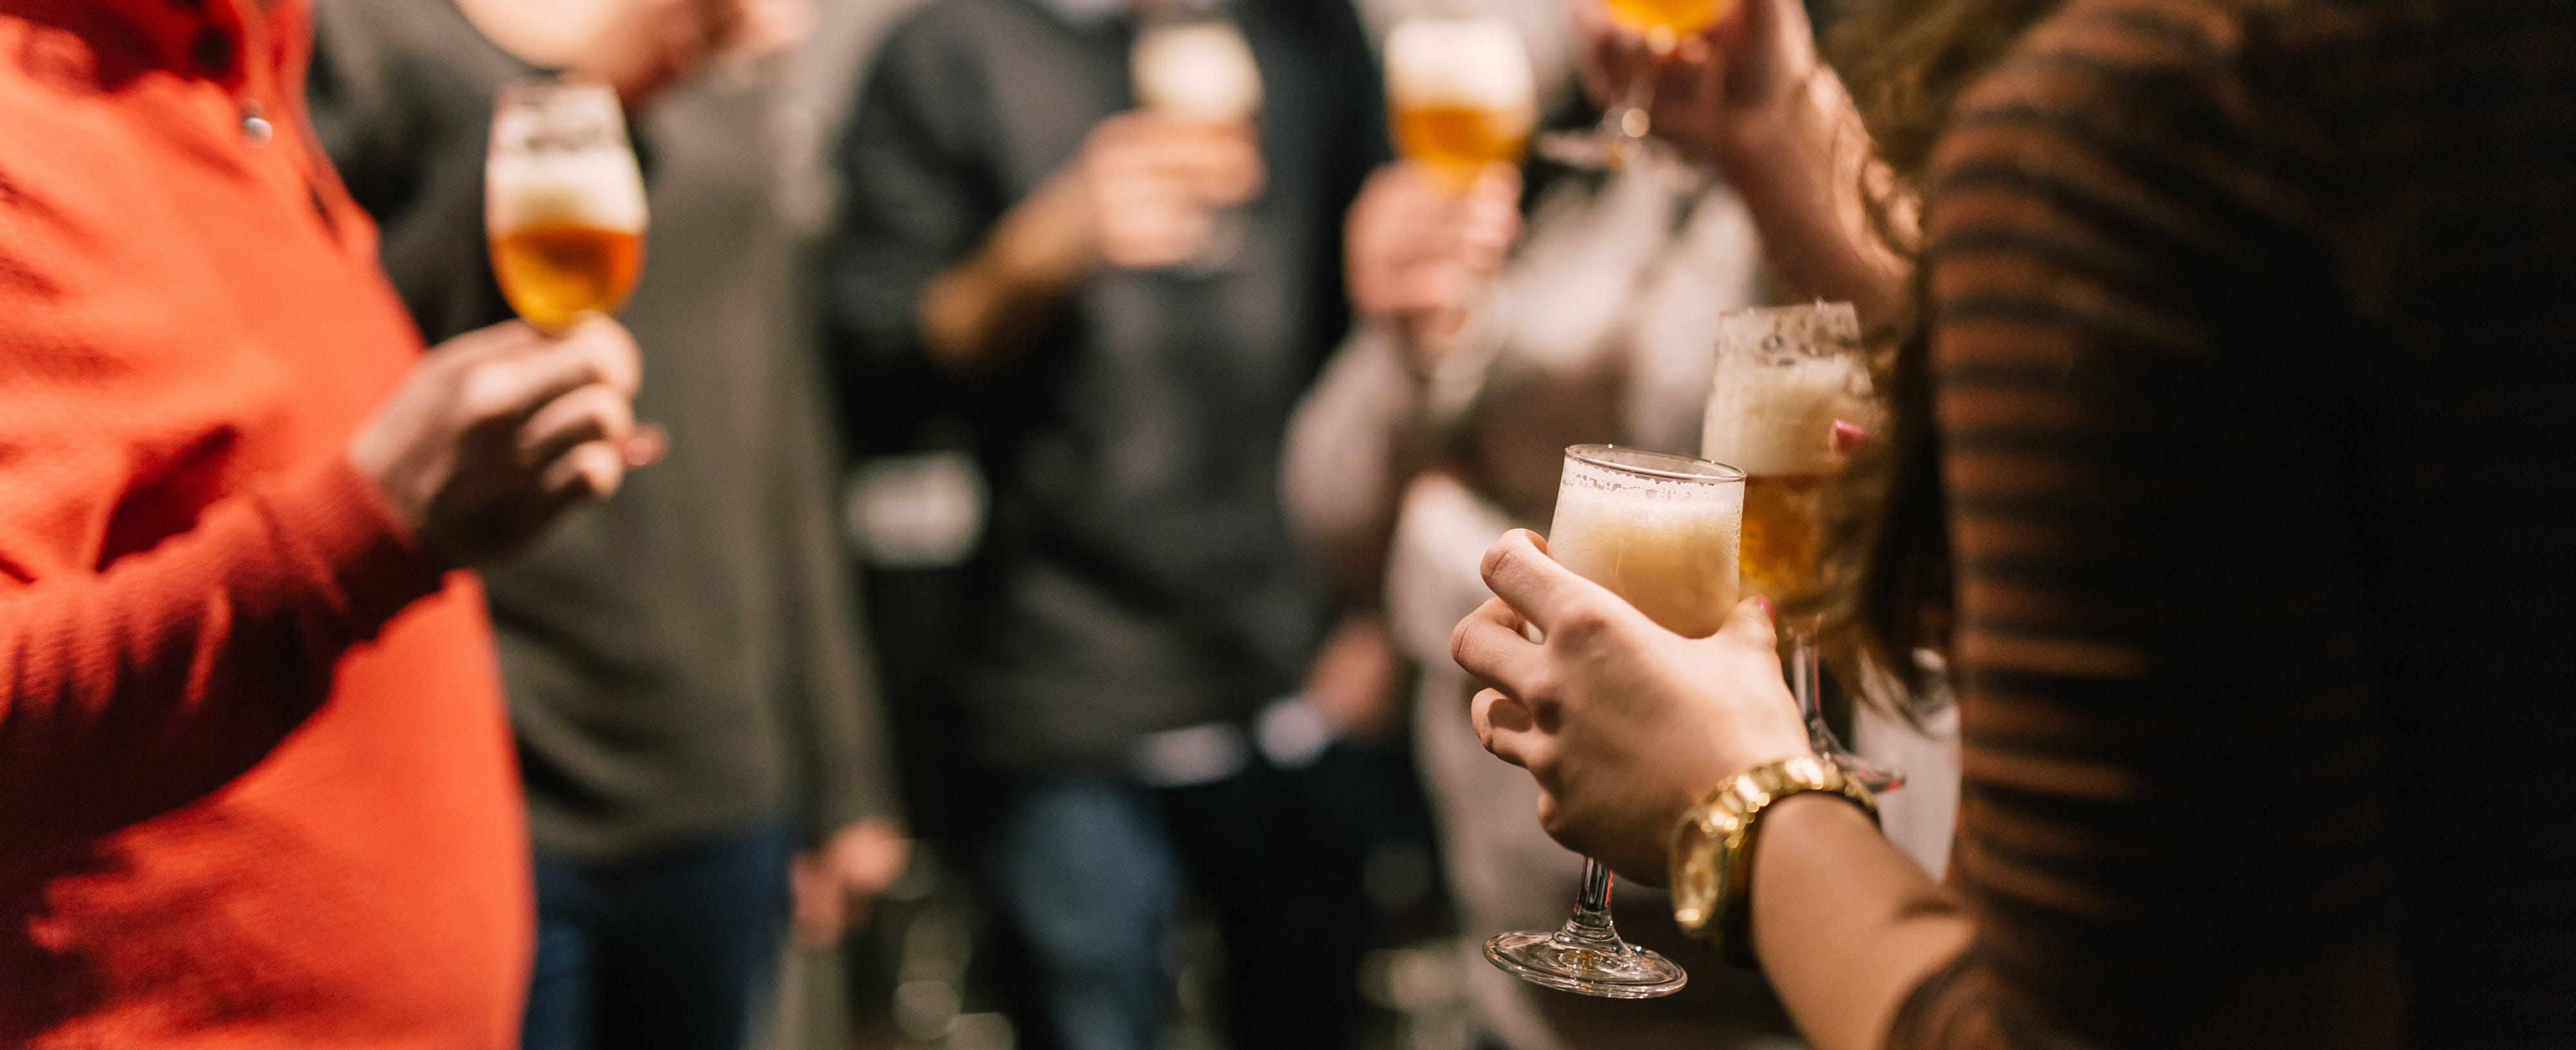 Gastronomía,Gastronomía,Comidas y cenas especiales,Tours enológicos,Tours enológicos,Otros gastronomía,Tour de la cerveza,Con visita a fábrica de cerveza,Cerveza checa,Cata y degustación de cerveza checa